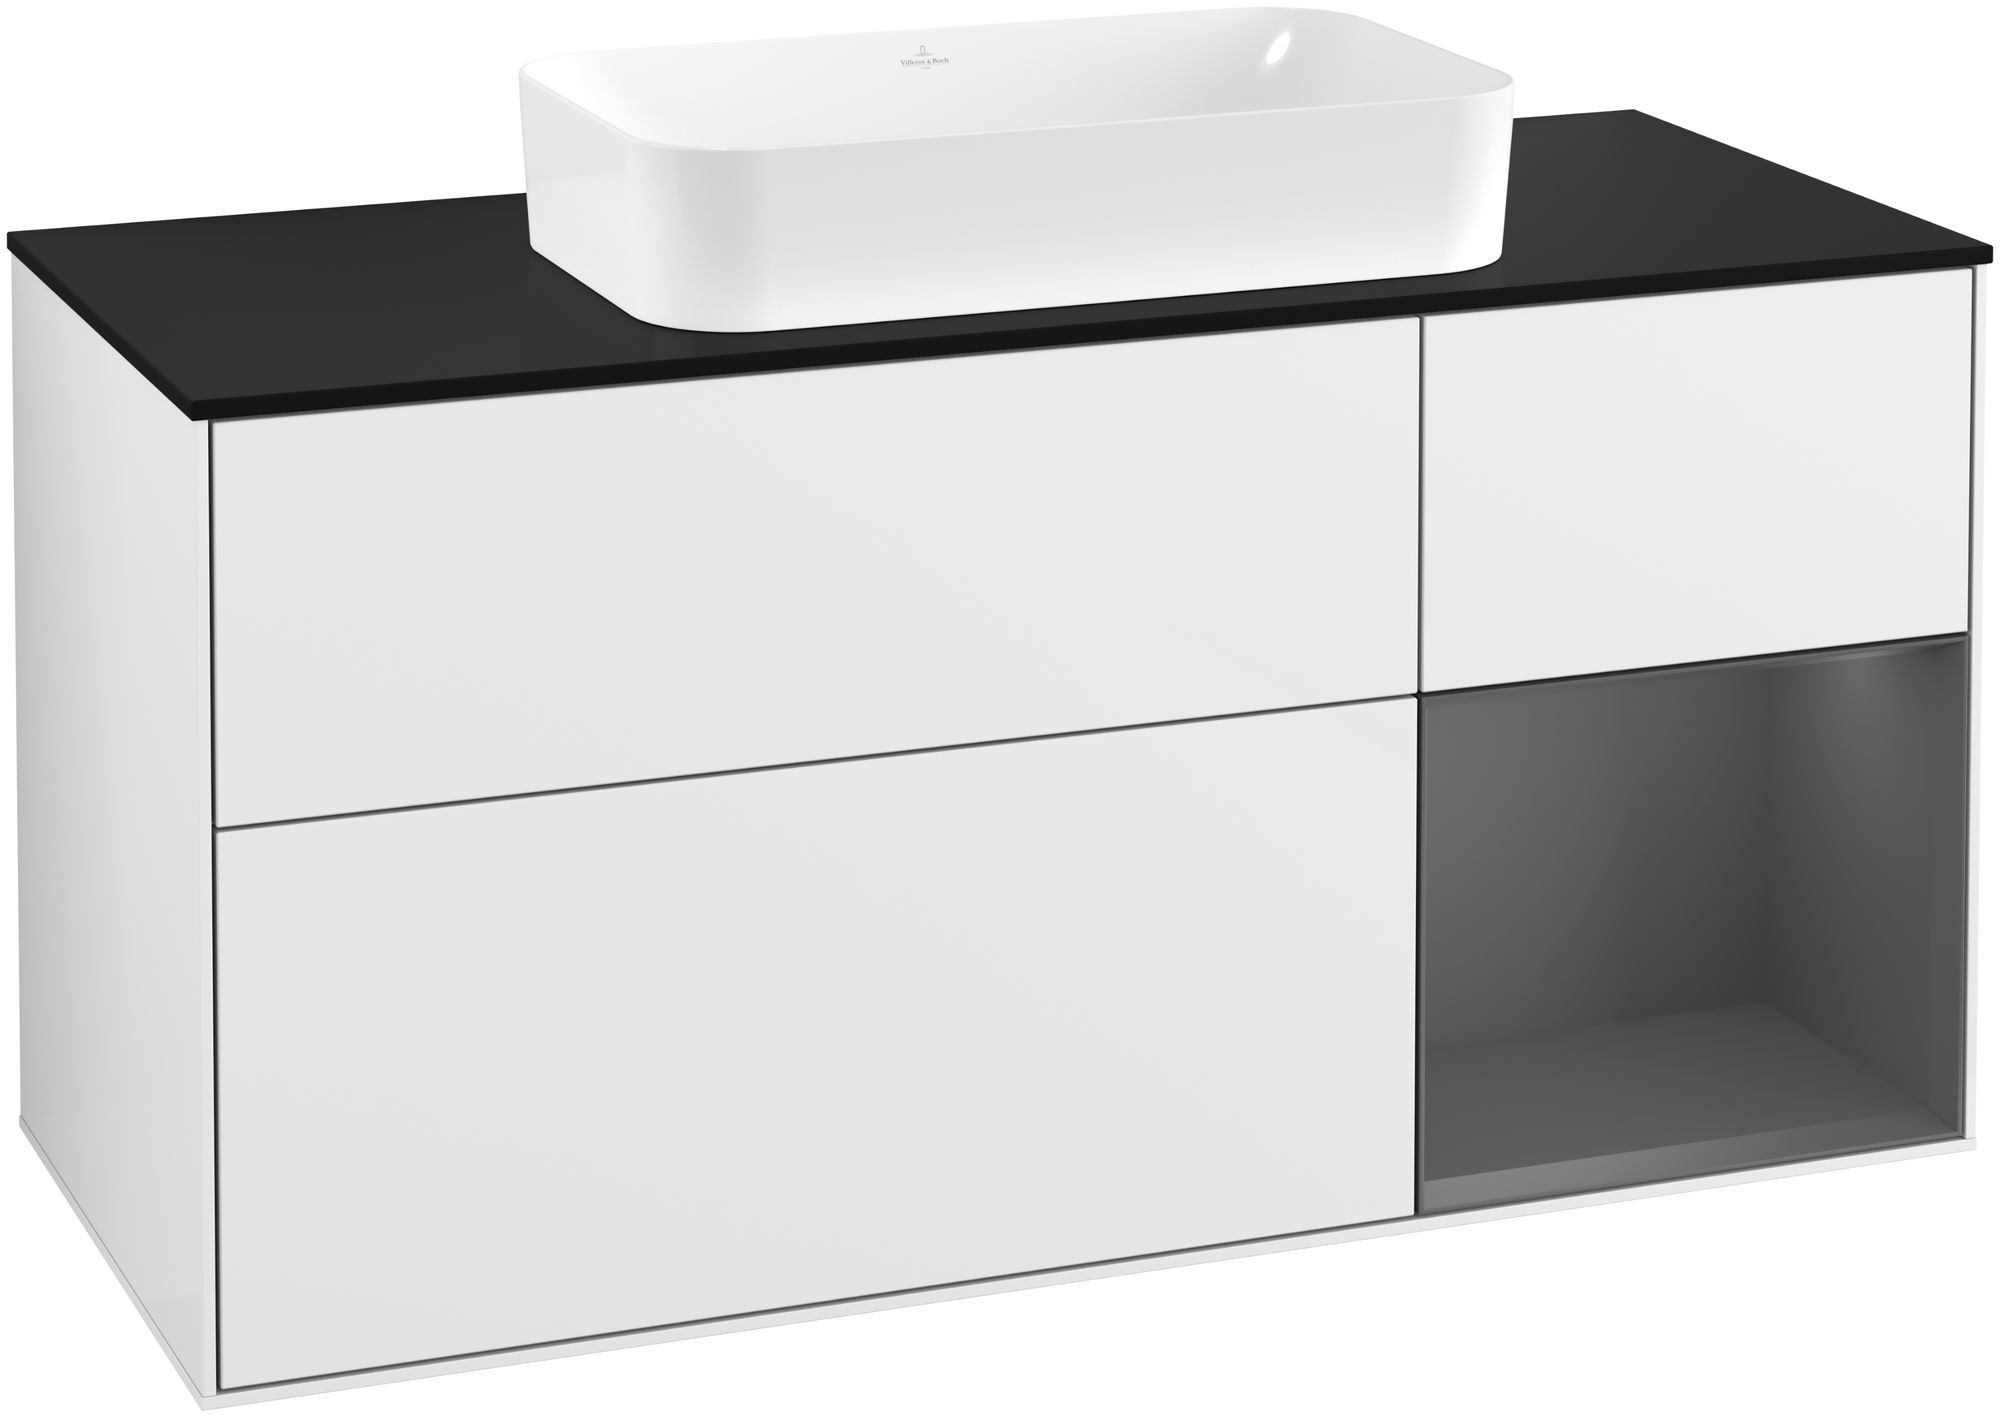 Villeroy & Boch Finion F30 Waschtischunterschrank mit Regalelement 3 Auszüge für WT mittig LED-Beleuchtung B:120xH:60,3xT:50,1cm Front, Korpus: Glossy White Lack, Regal: Anthracite Matt, Glasplatte: Black Matt F302GKGF